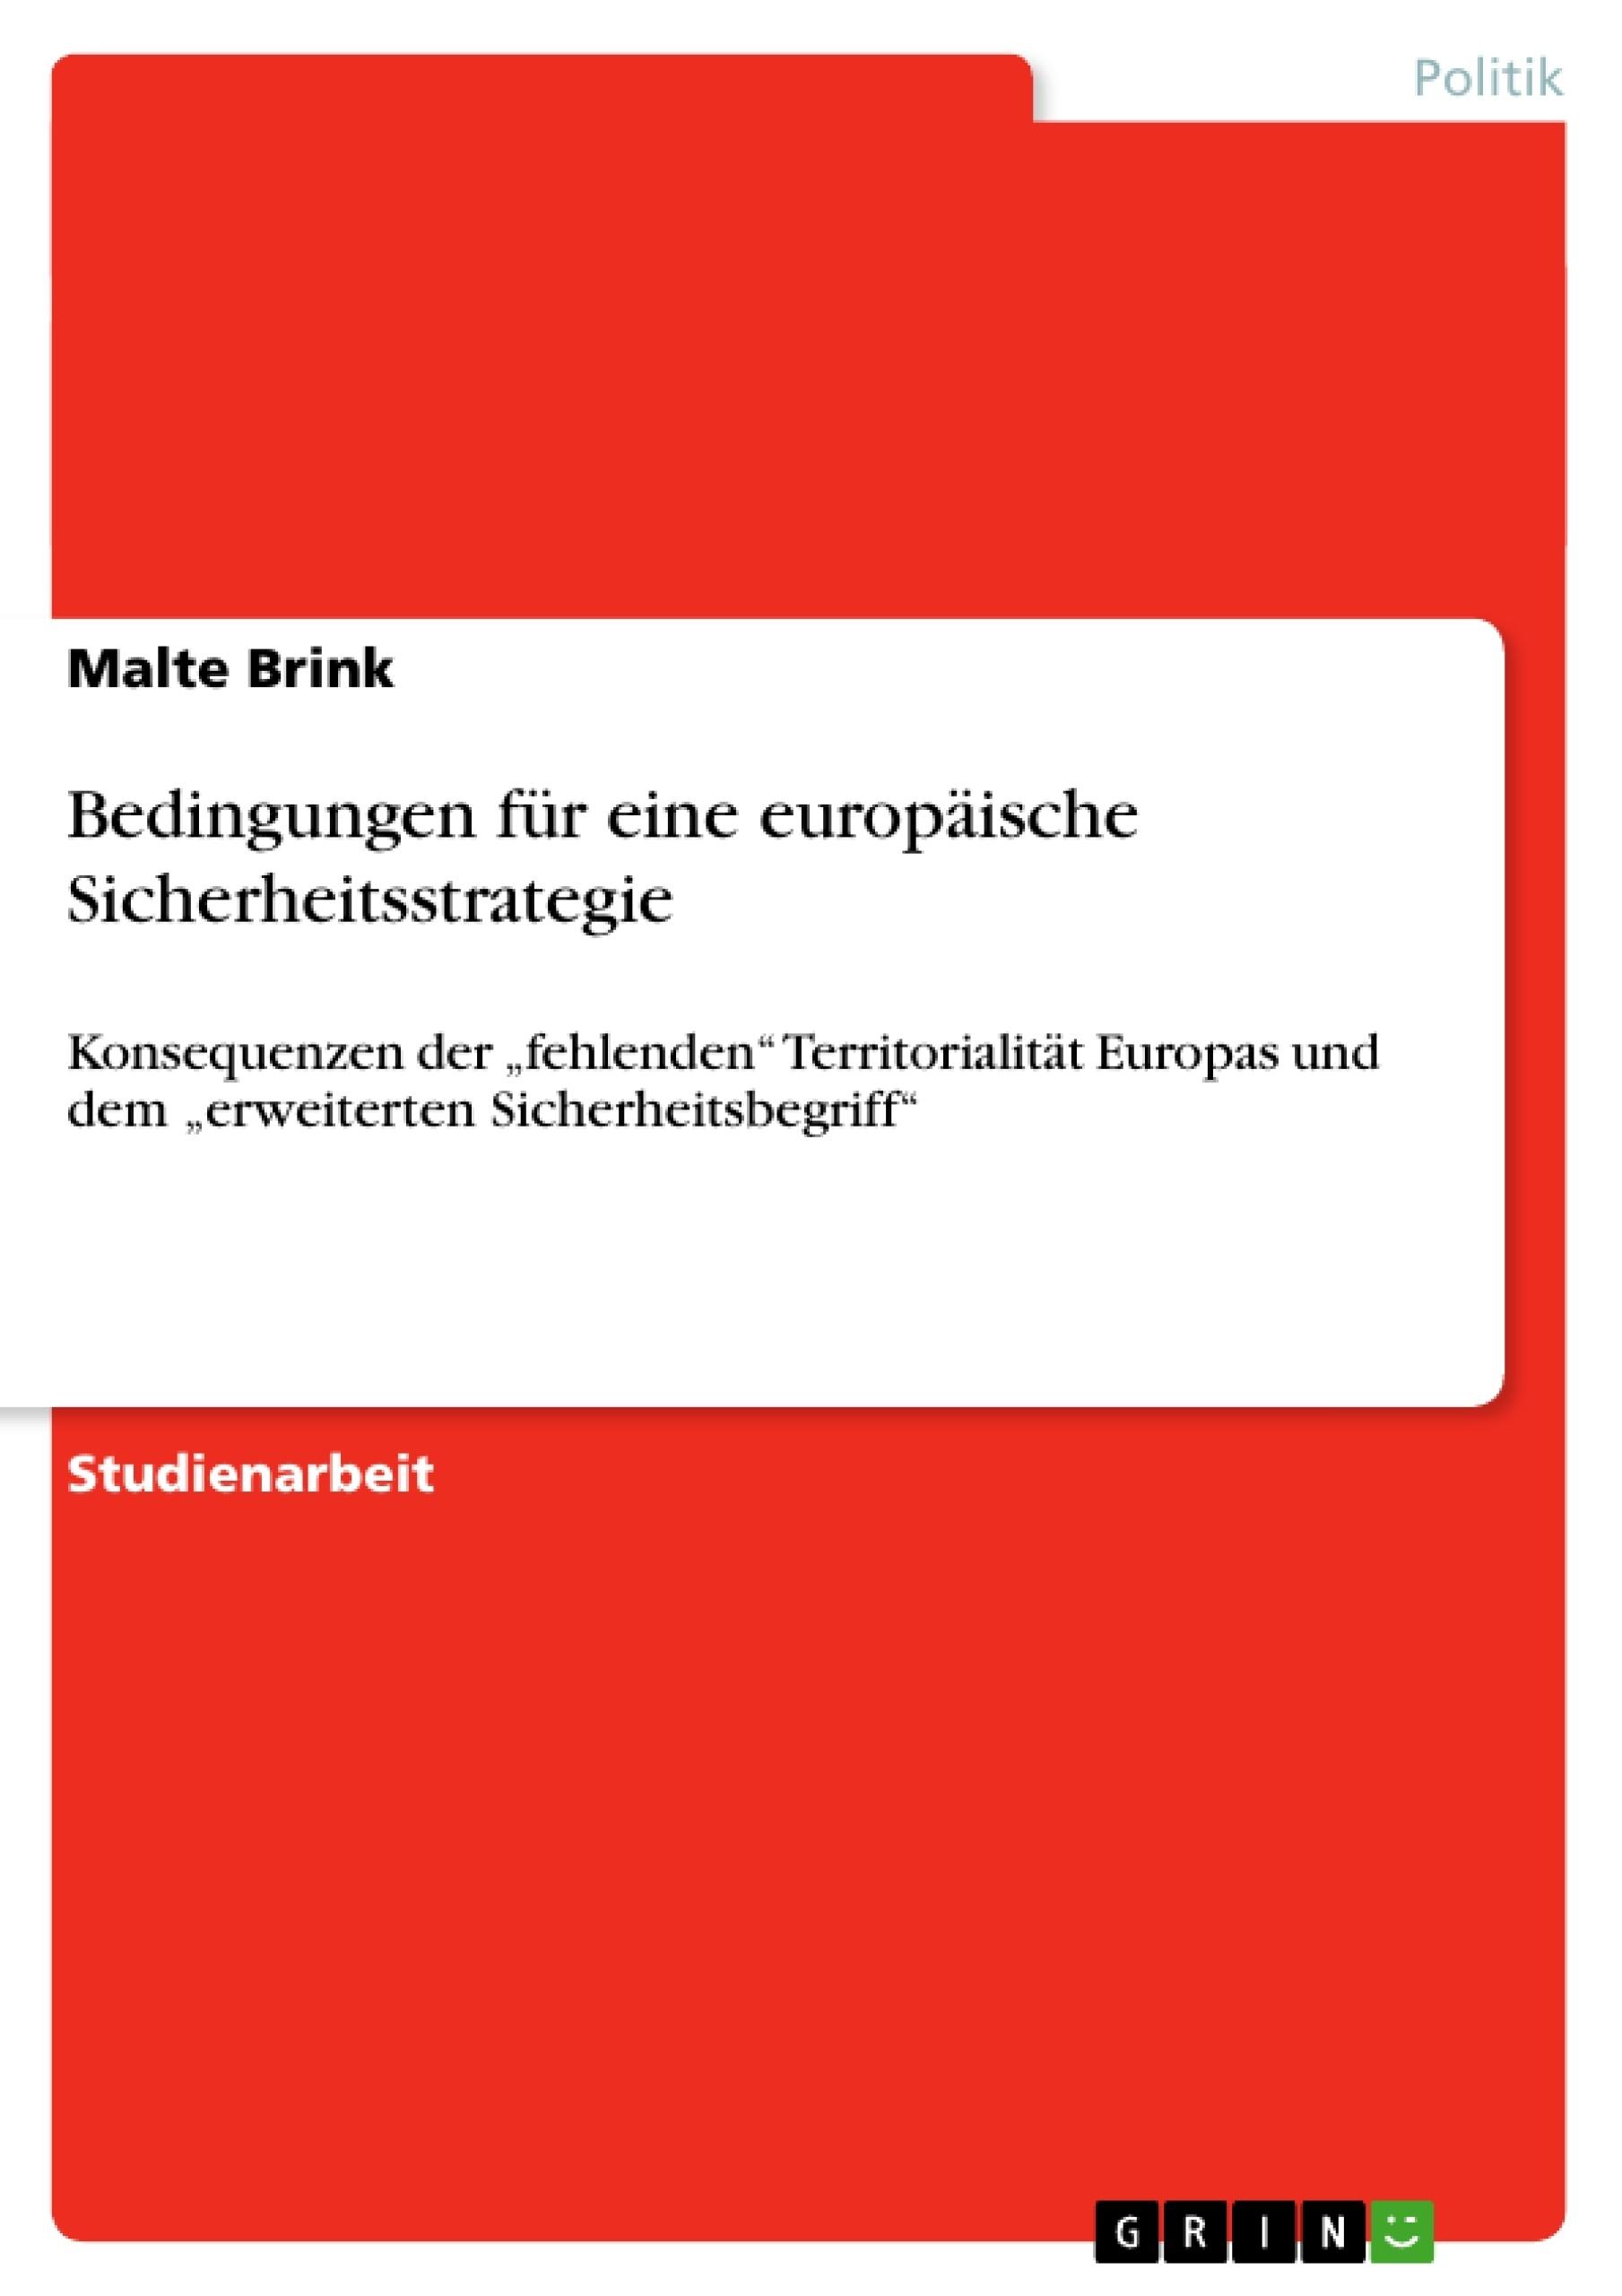 Titel: Bedingungen für eine europäische Sicherheitsstrategie